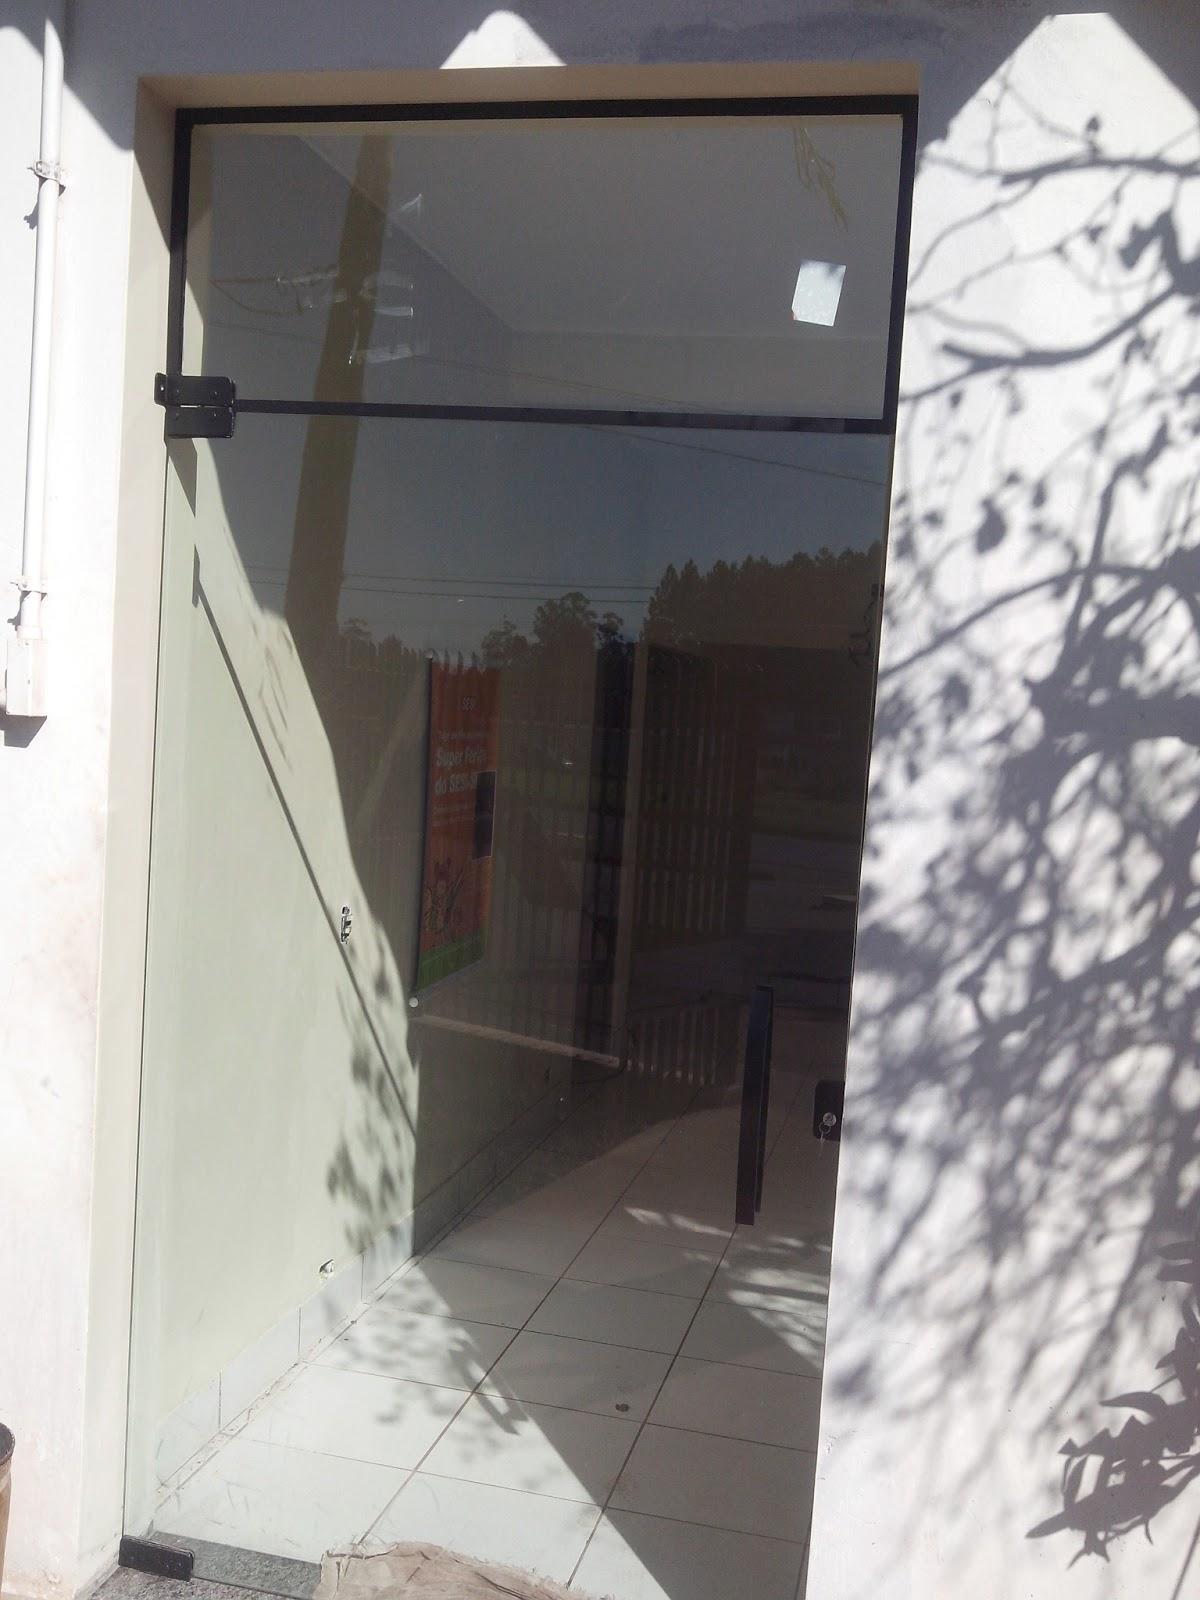 #675B51 FRANCO VIDROS TEMPERADOS: Julho 2013 318 Janelas De Vidro Temperado Em Ribeirão Preto